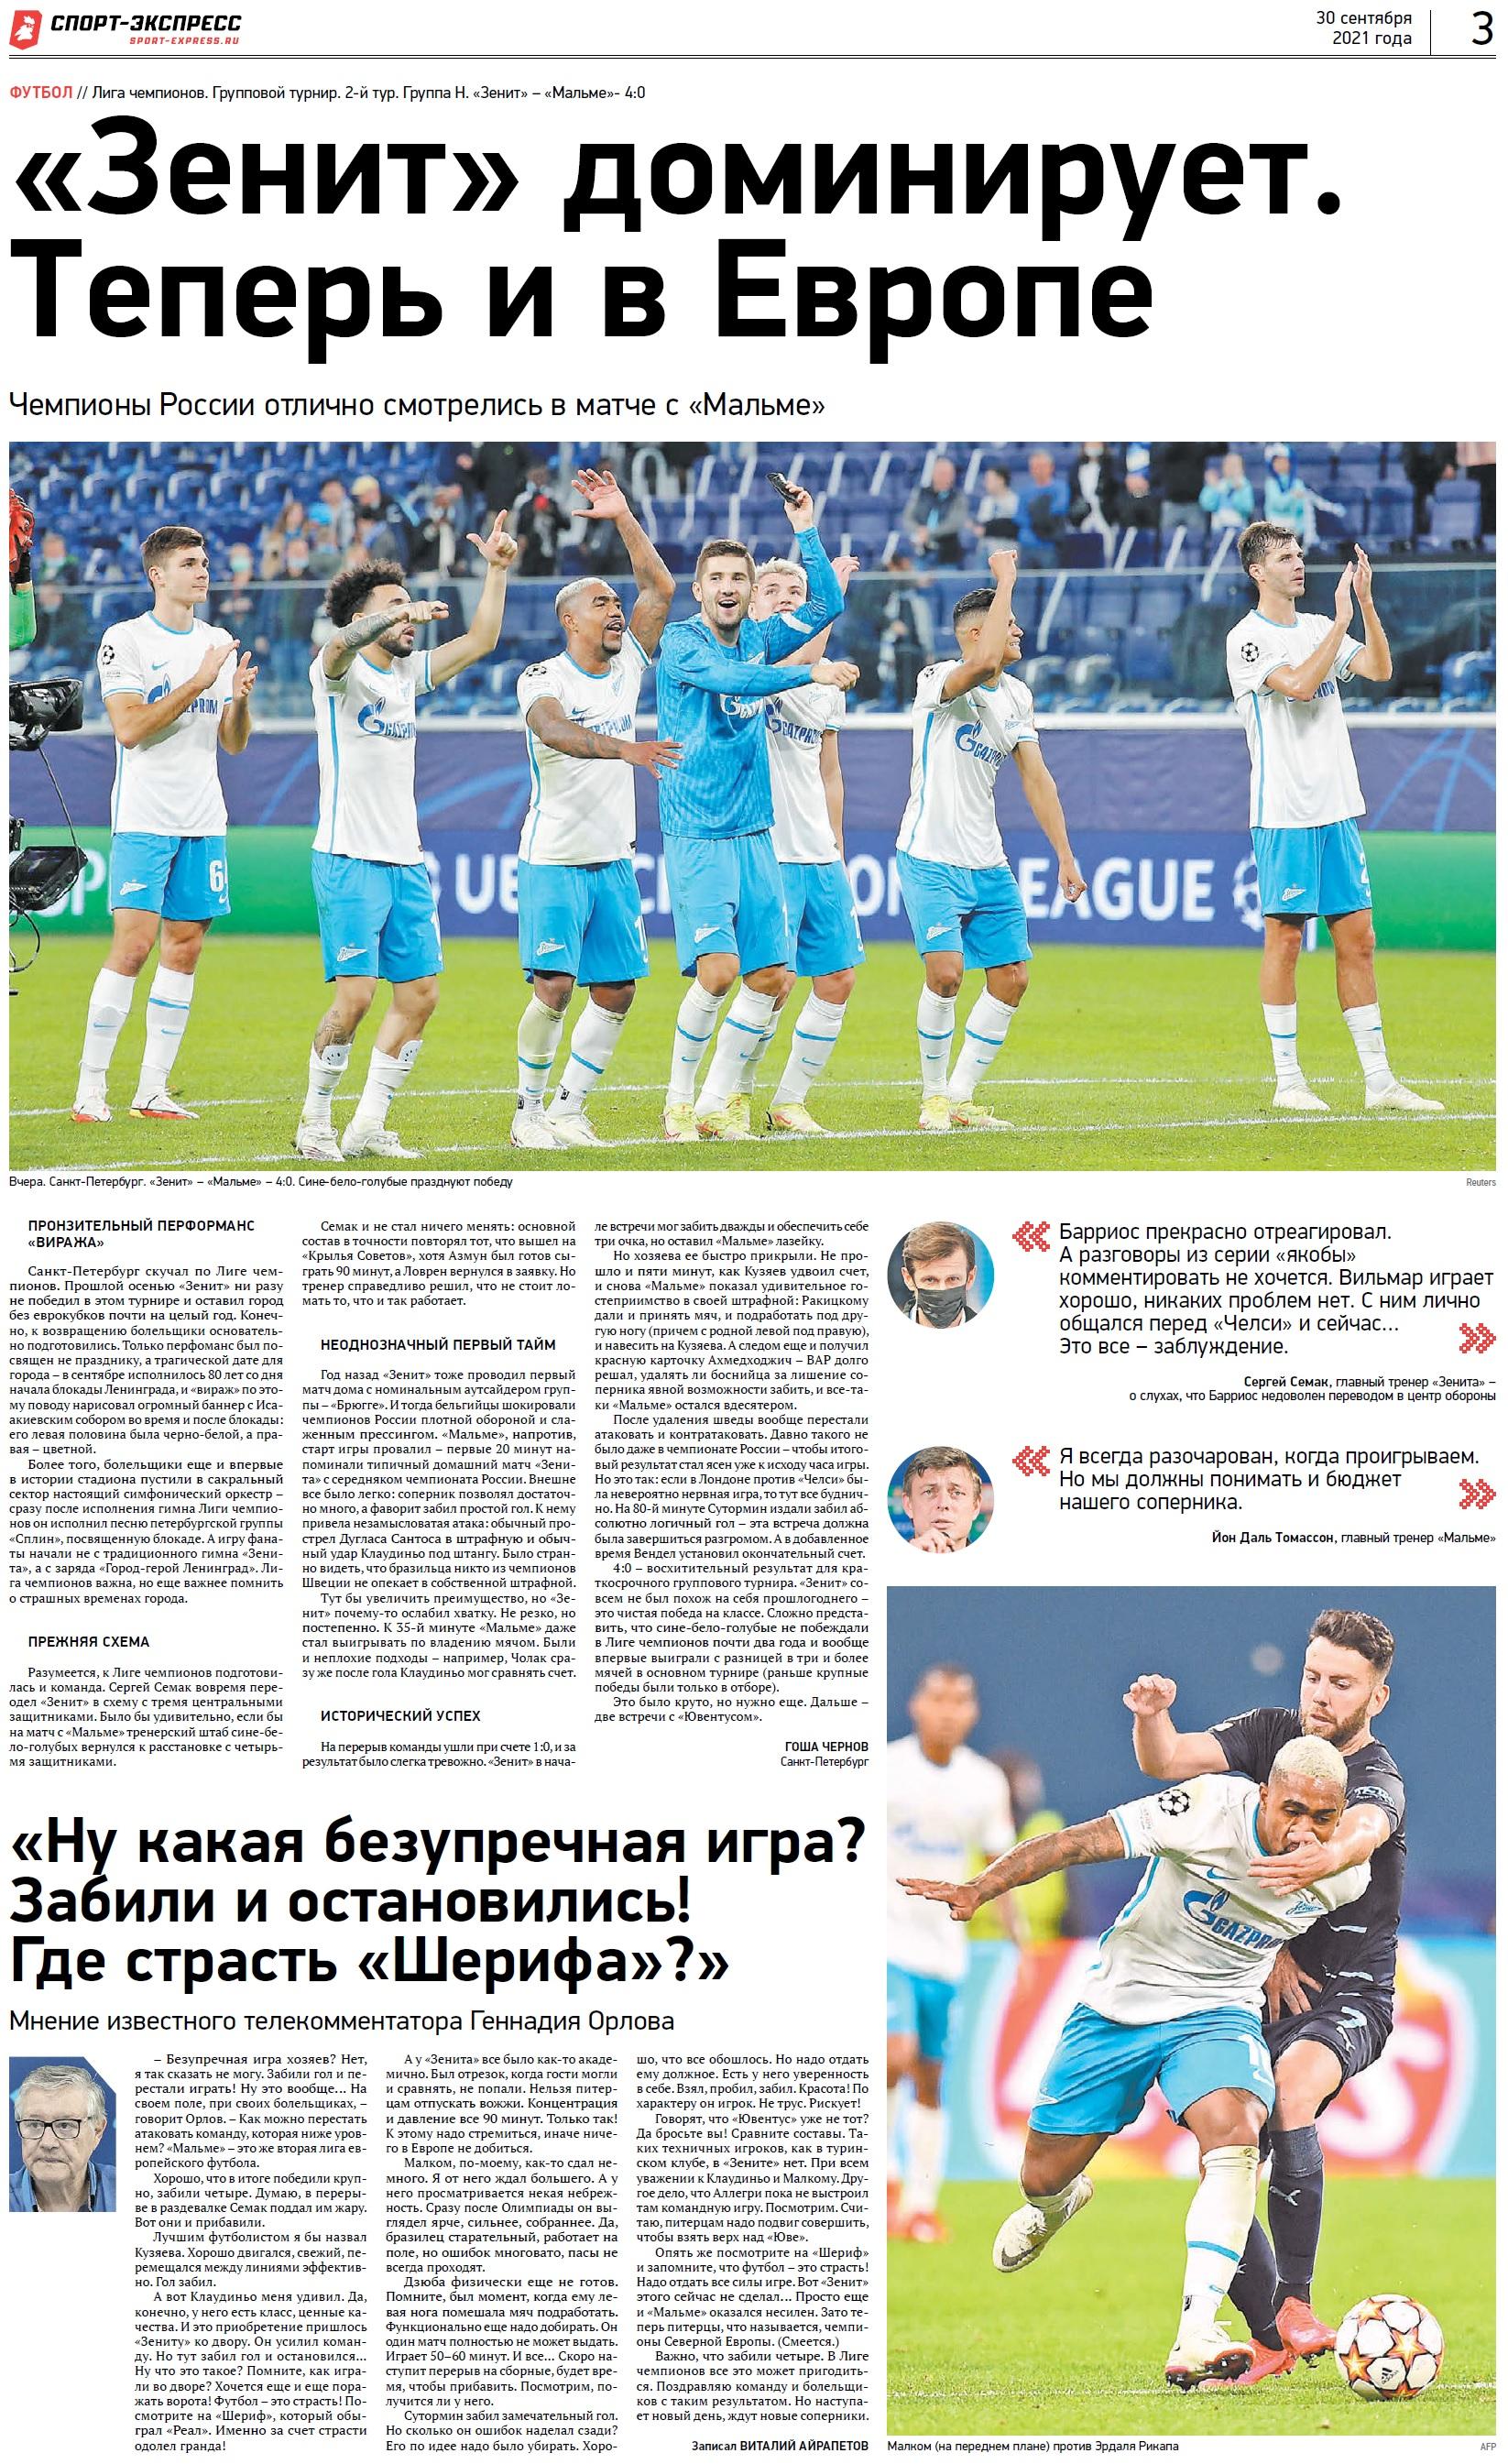 Зенит (Россия) - Мальмё ФФ (Швеция) 4:0